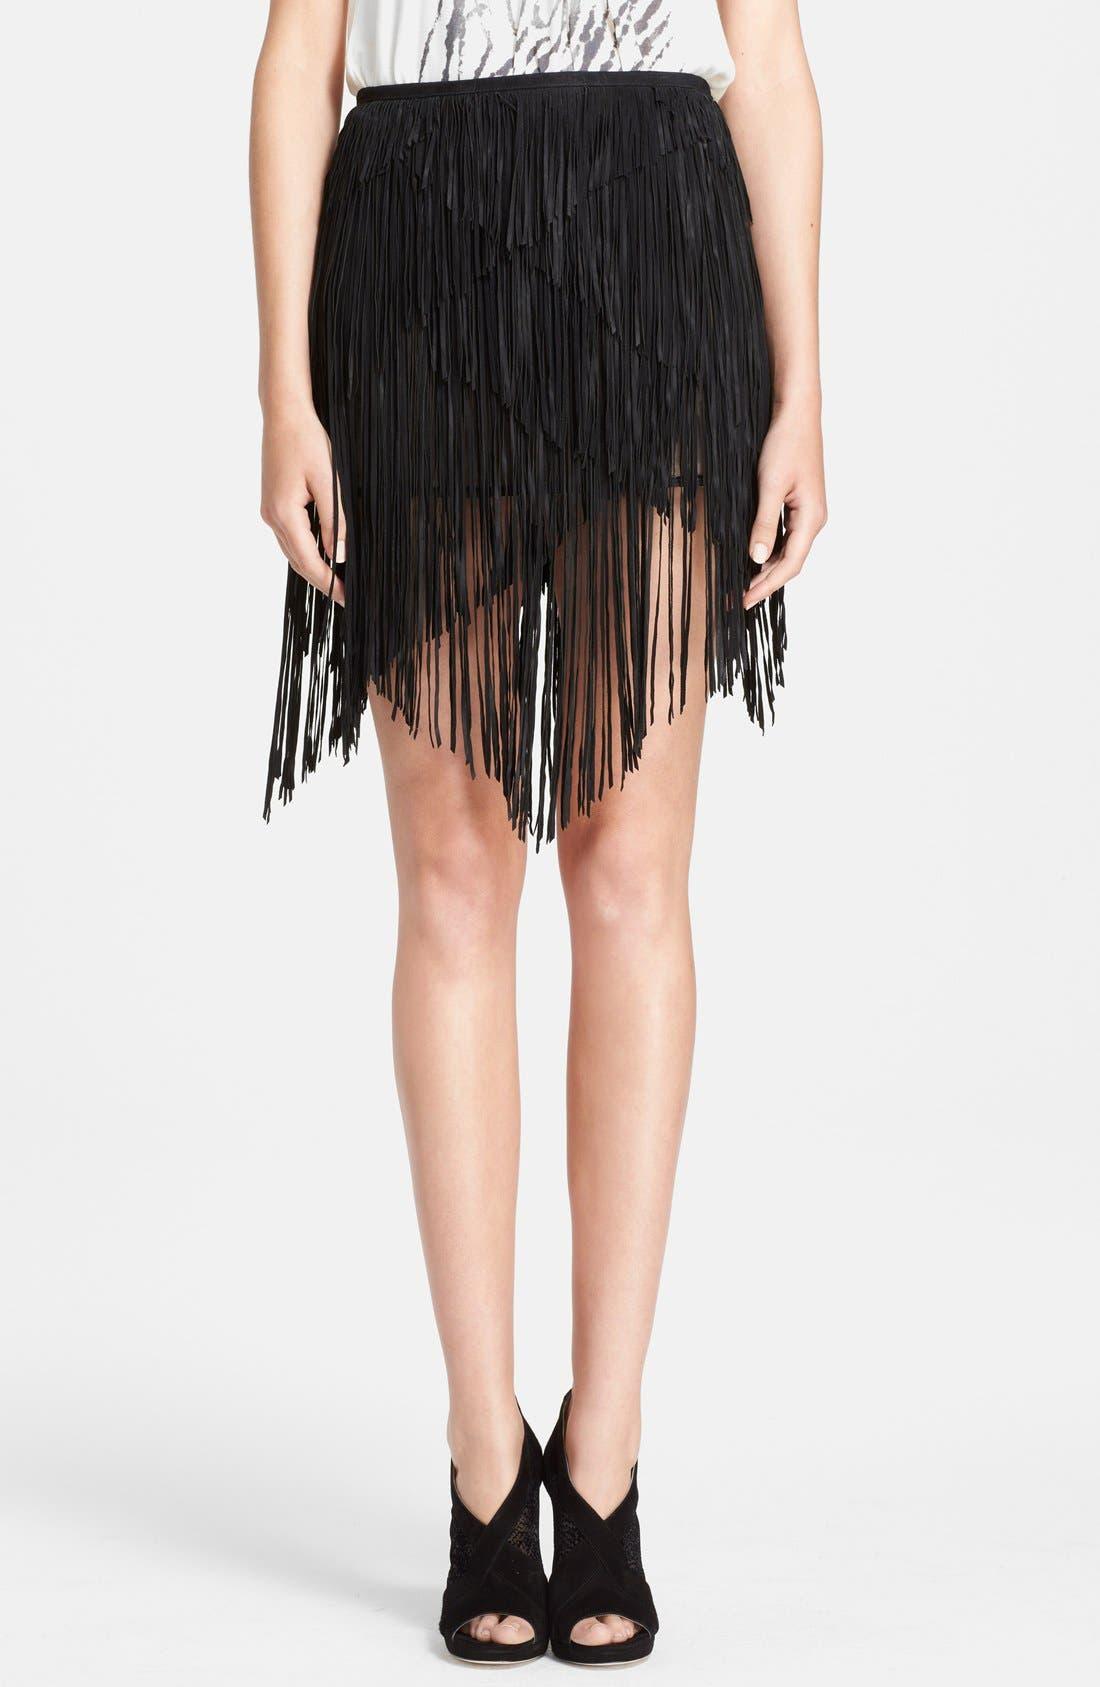 HAUTE HIPPIE Asymmetrical Suede Fringe Skirt, Main, color, 001